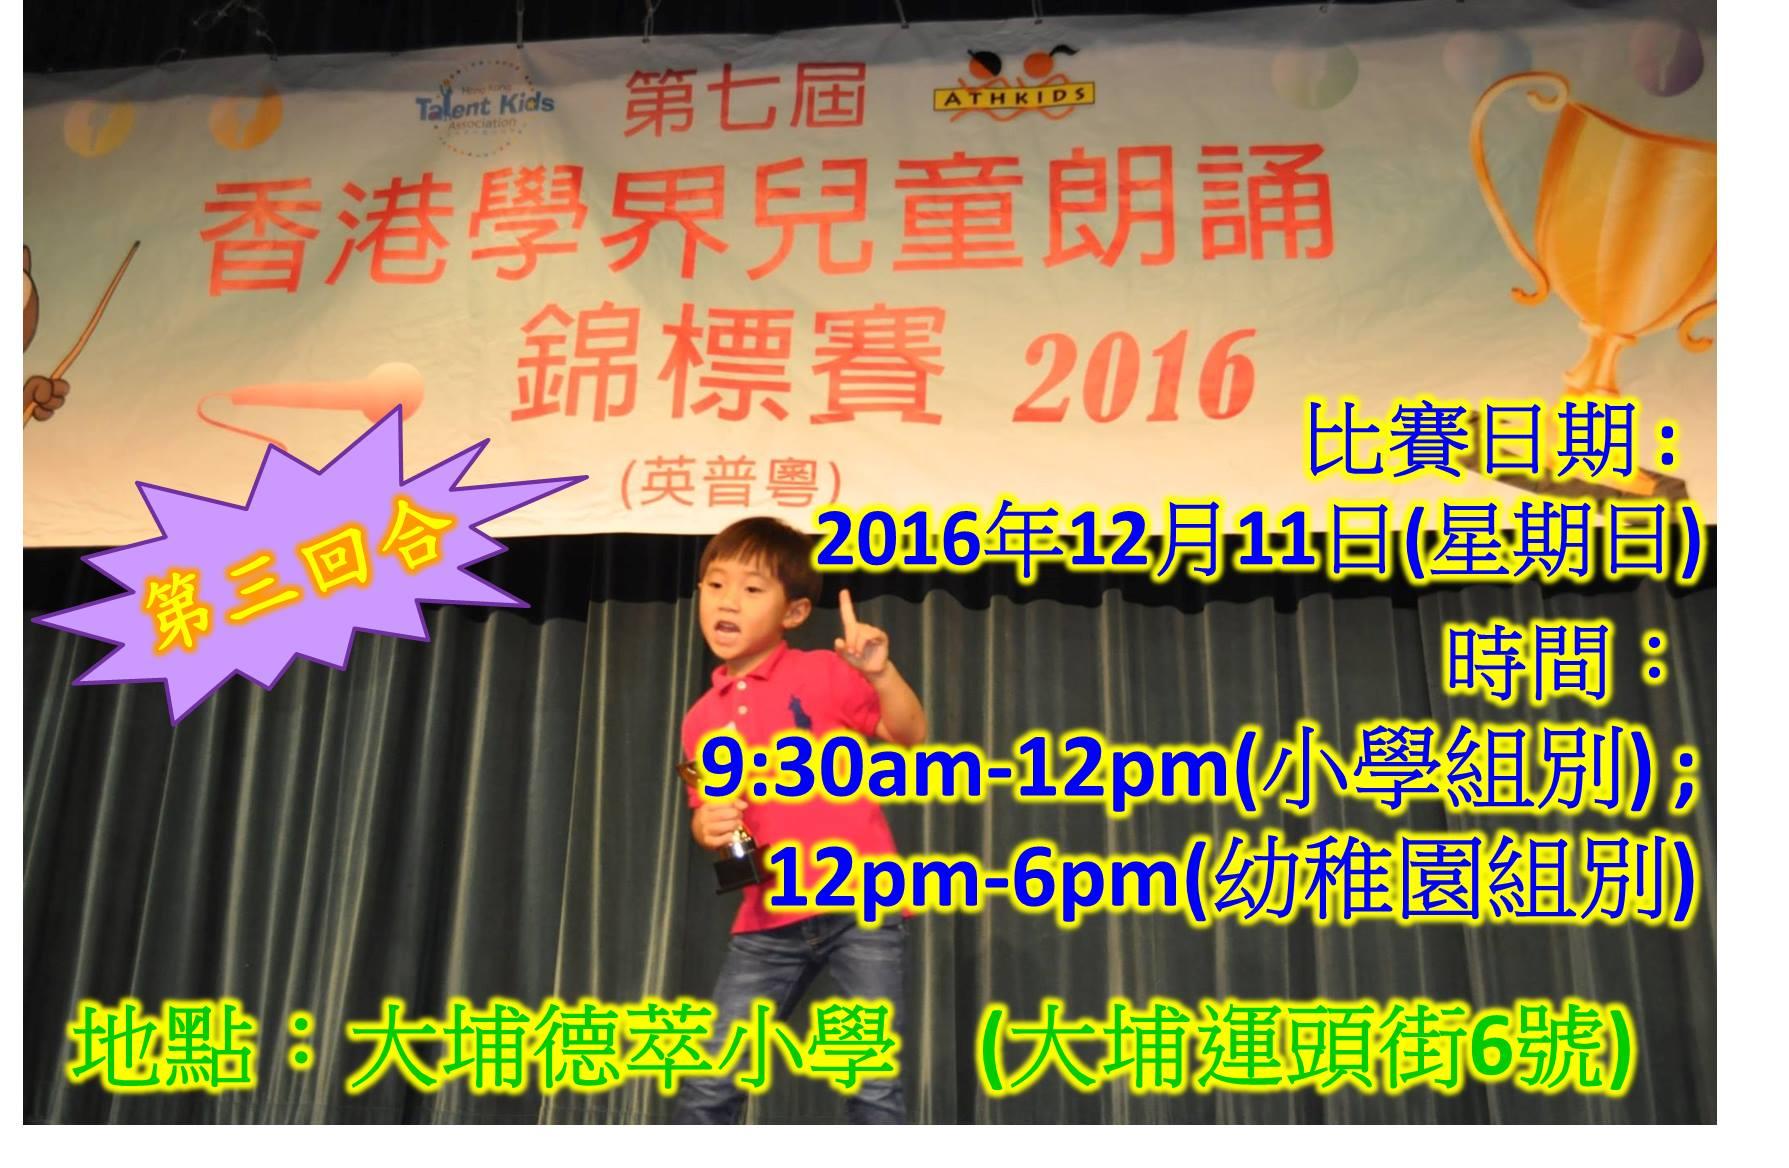 第七屆香港學界兒童朗誦錦標賽2016(英普粵) Round 3